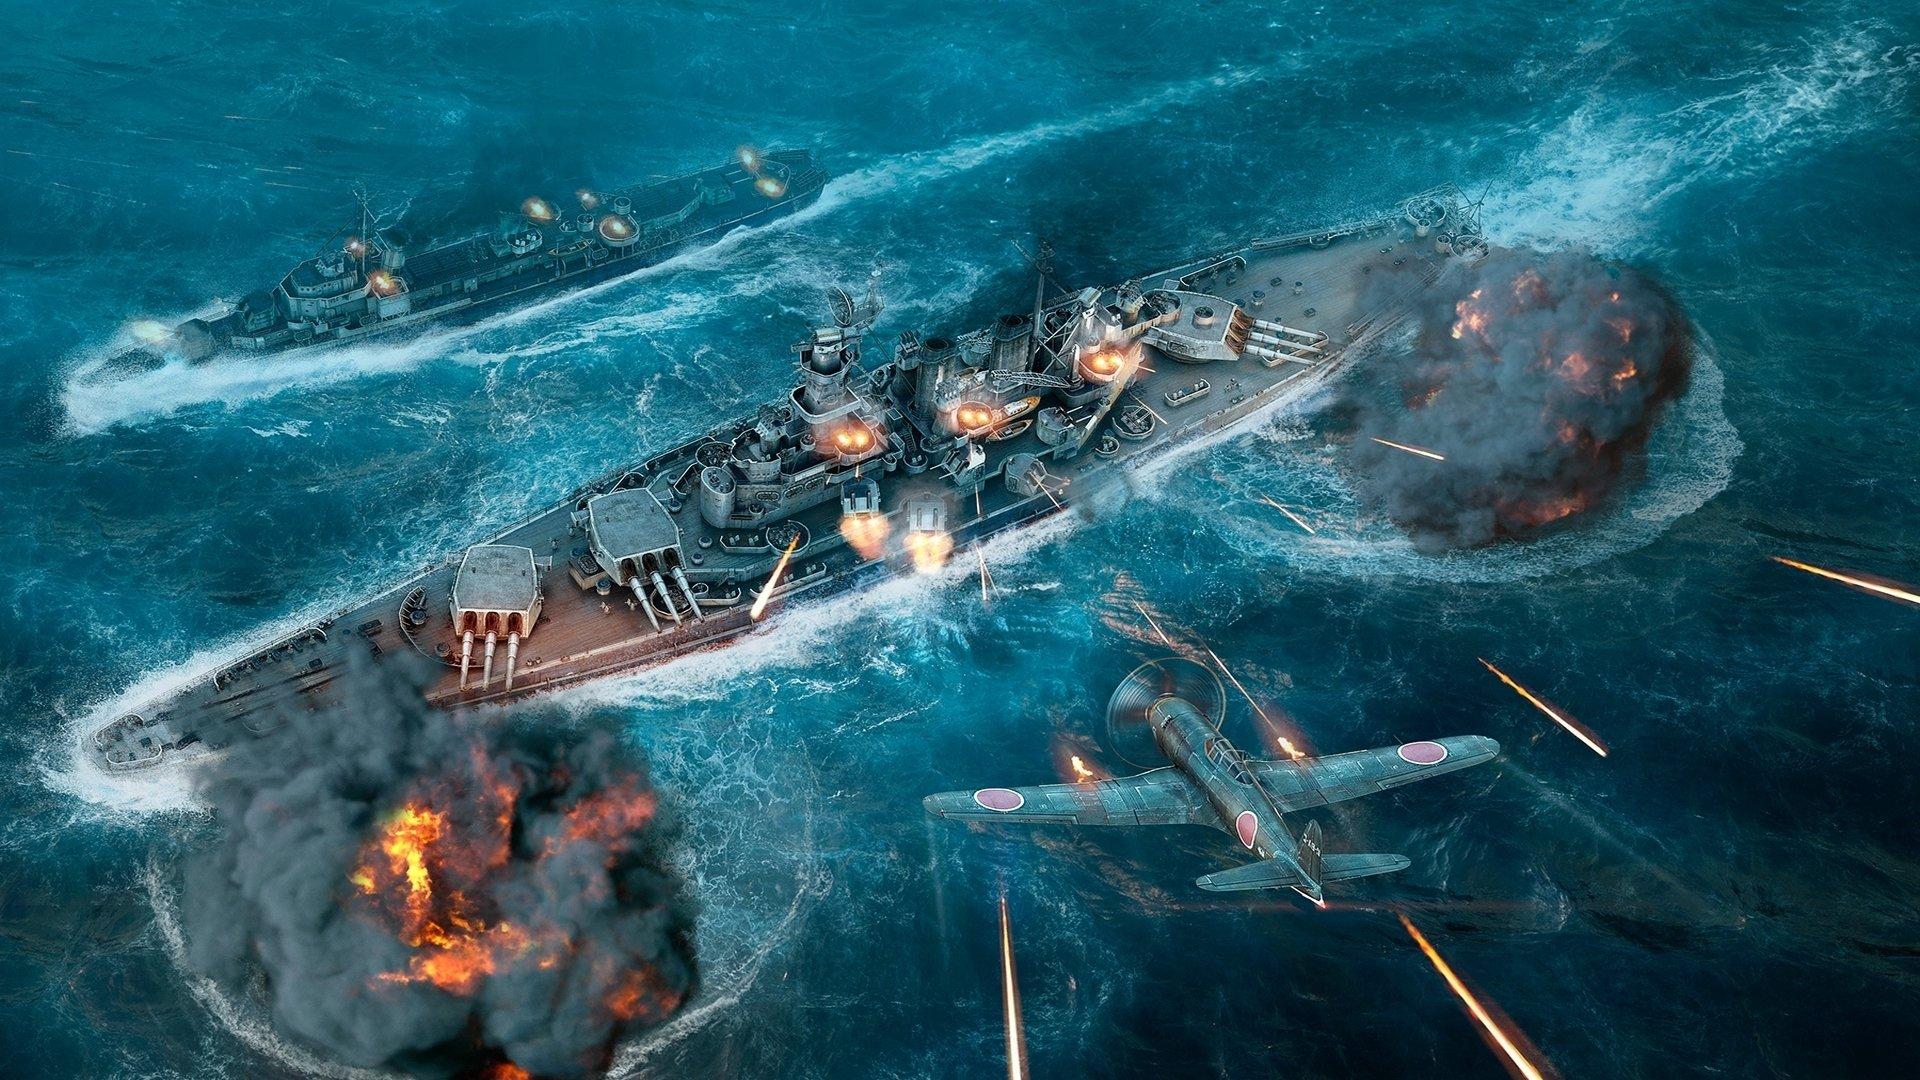 Обои мир кораблей, wows, wargaming net, выстрел, wg, пламя. Игры foto 10